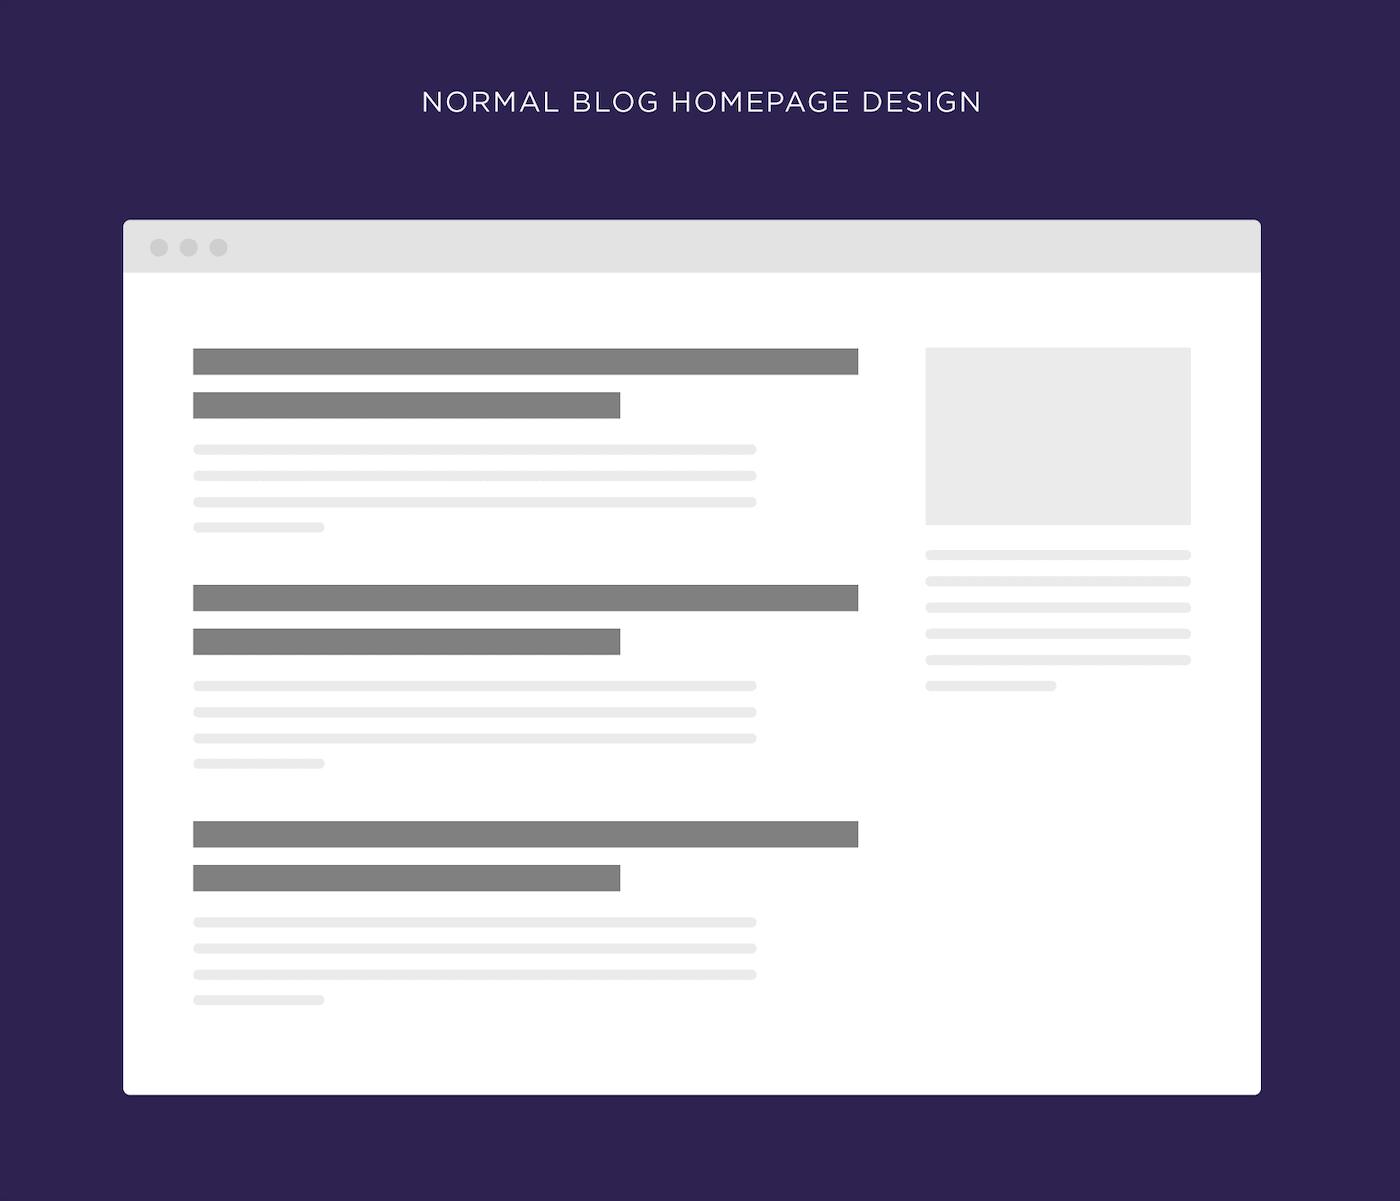 Normal blog homepage design